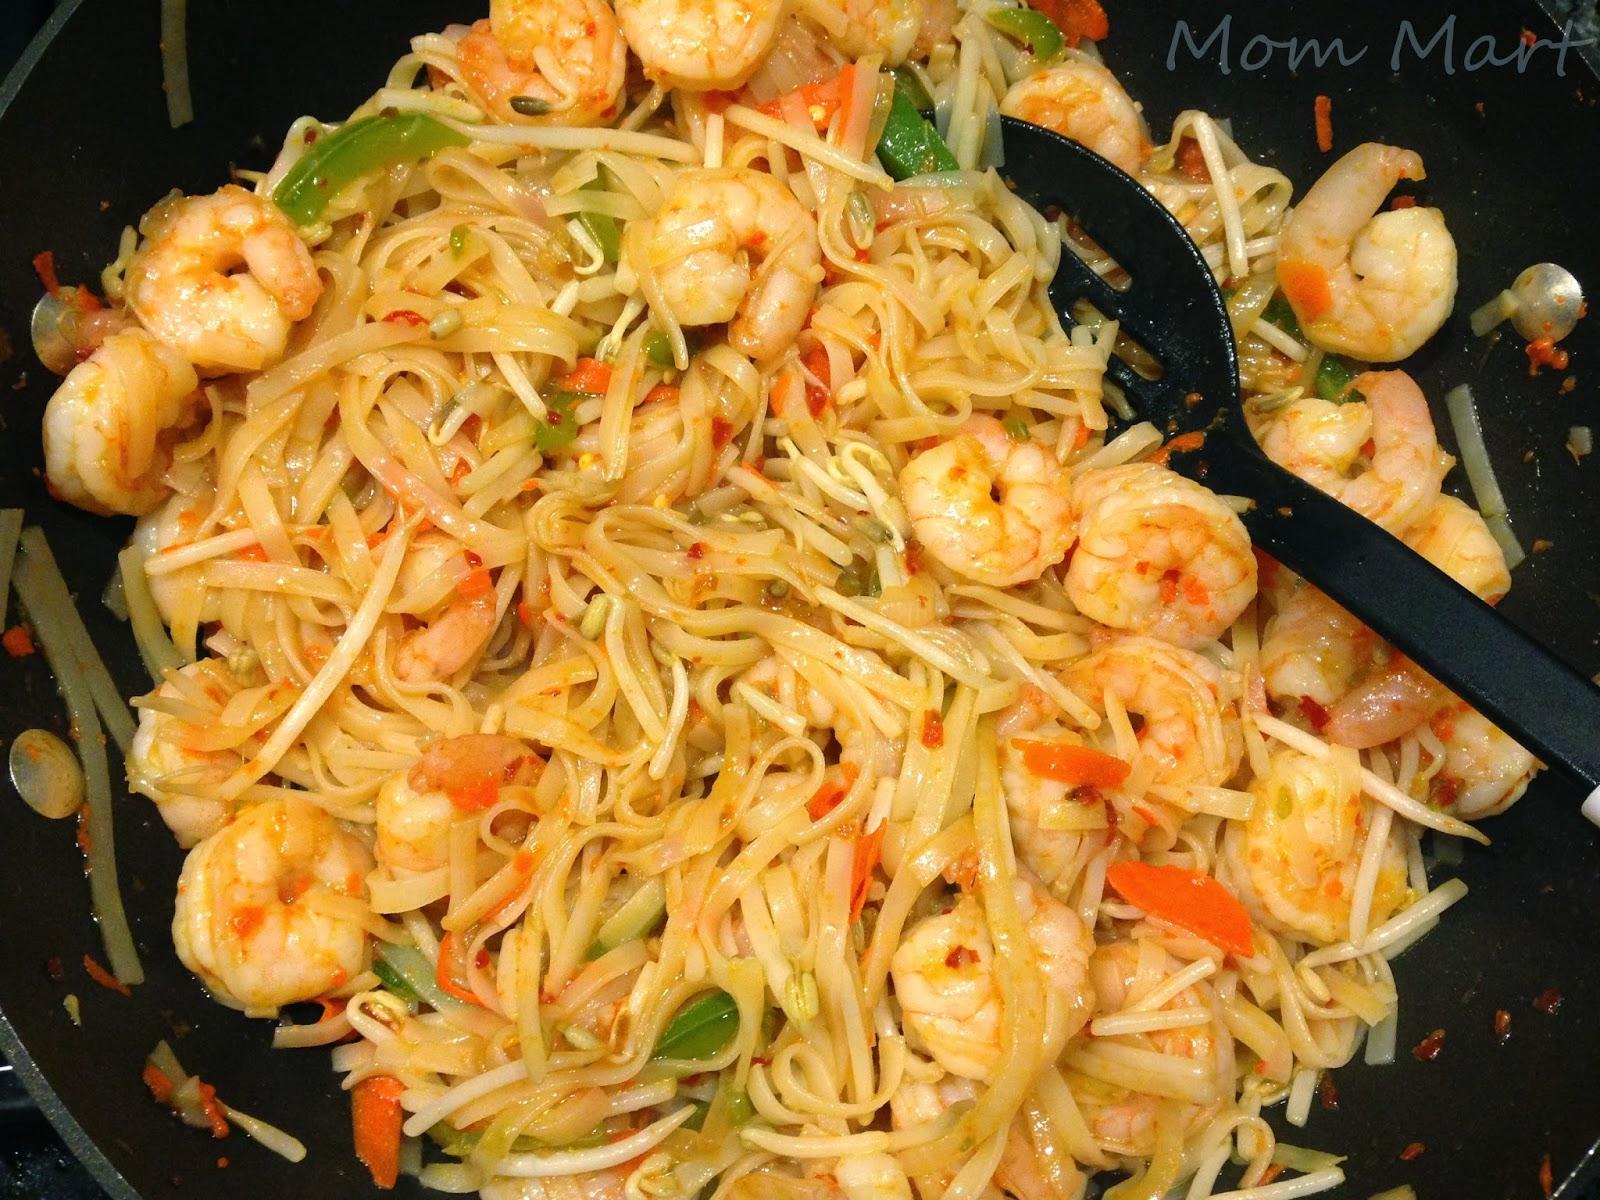 Thai Noodle With Shrimp Recipes